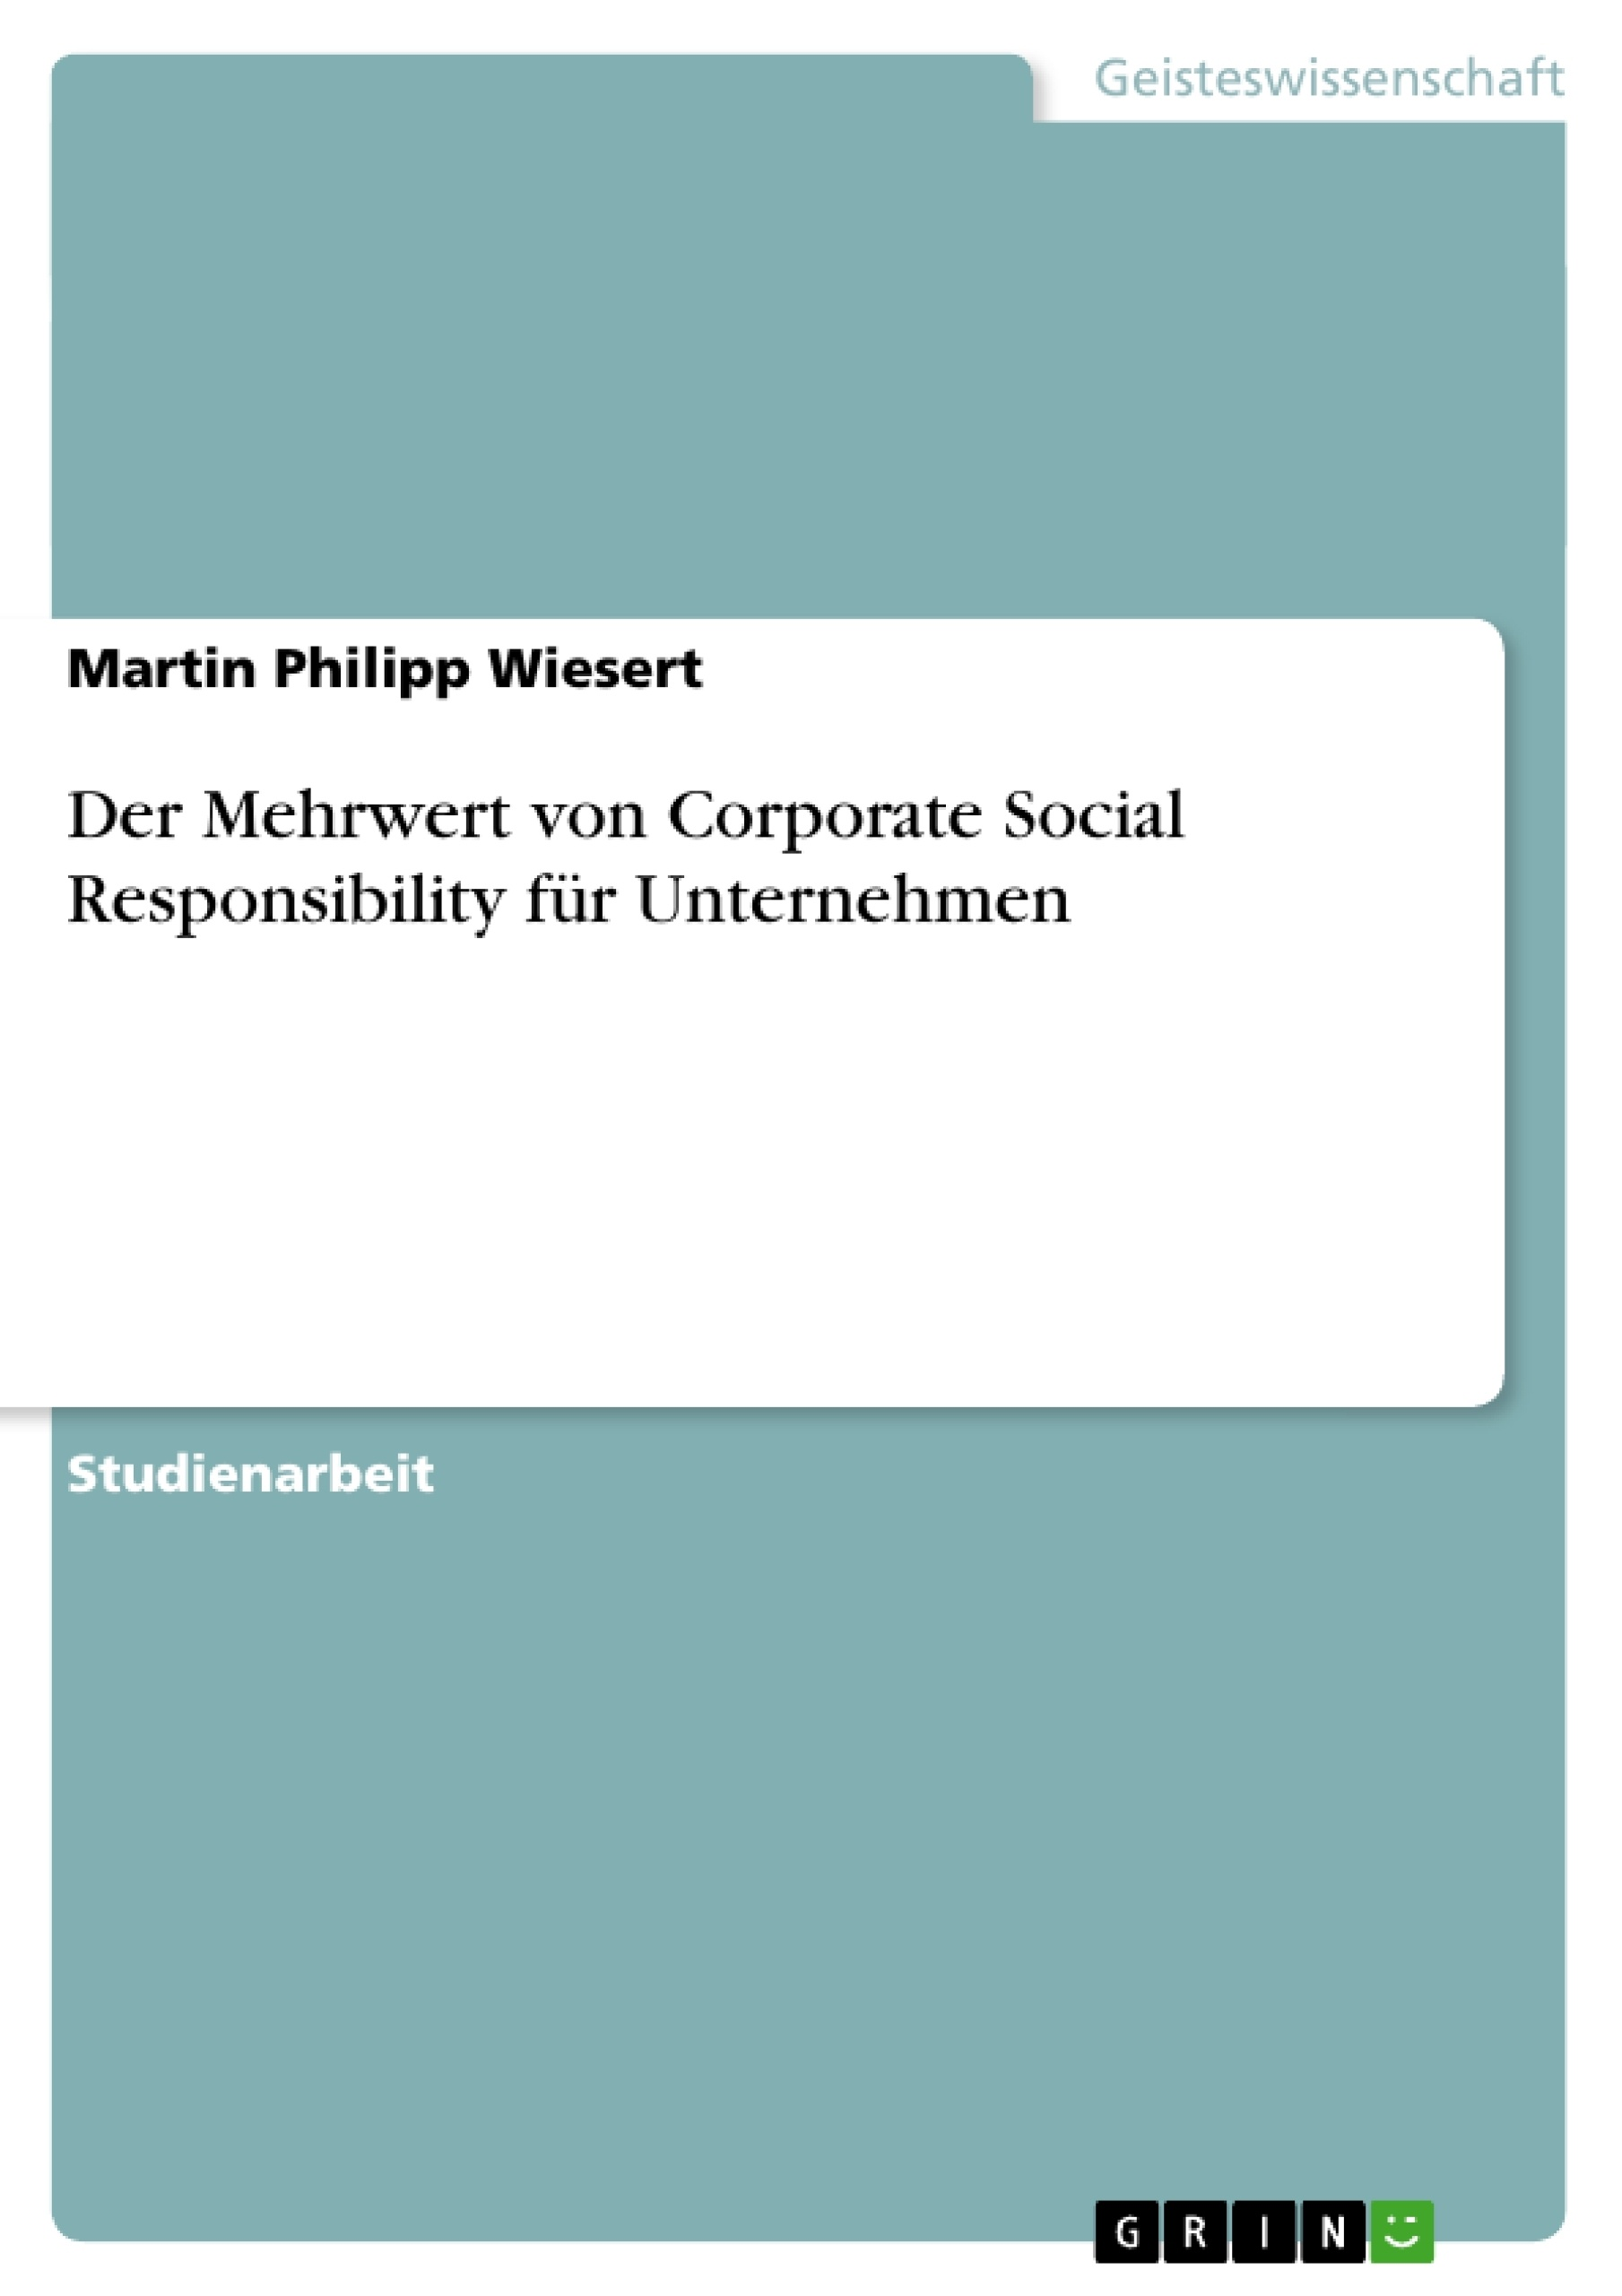 Titel: Der Mehrwert von Corporate Social Responsibility für Unternehmen